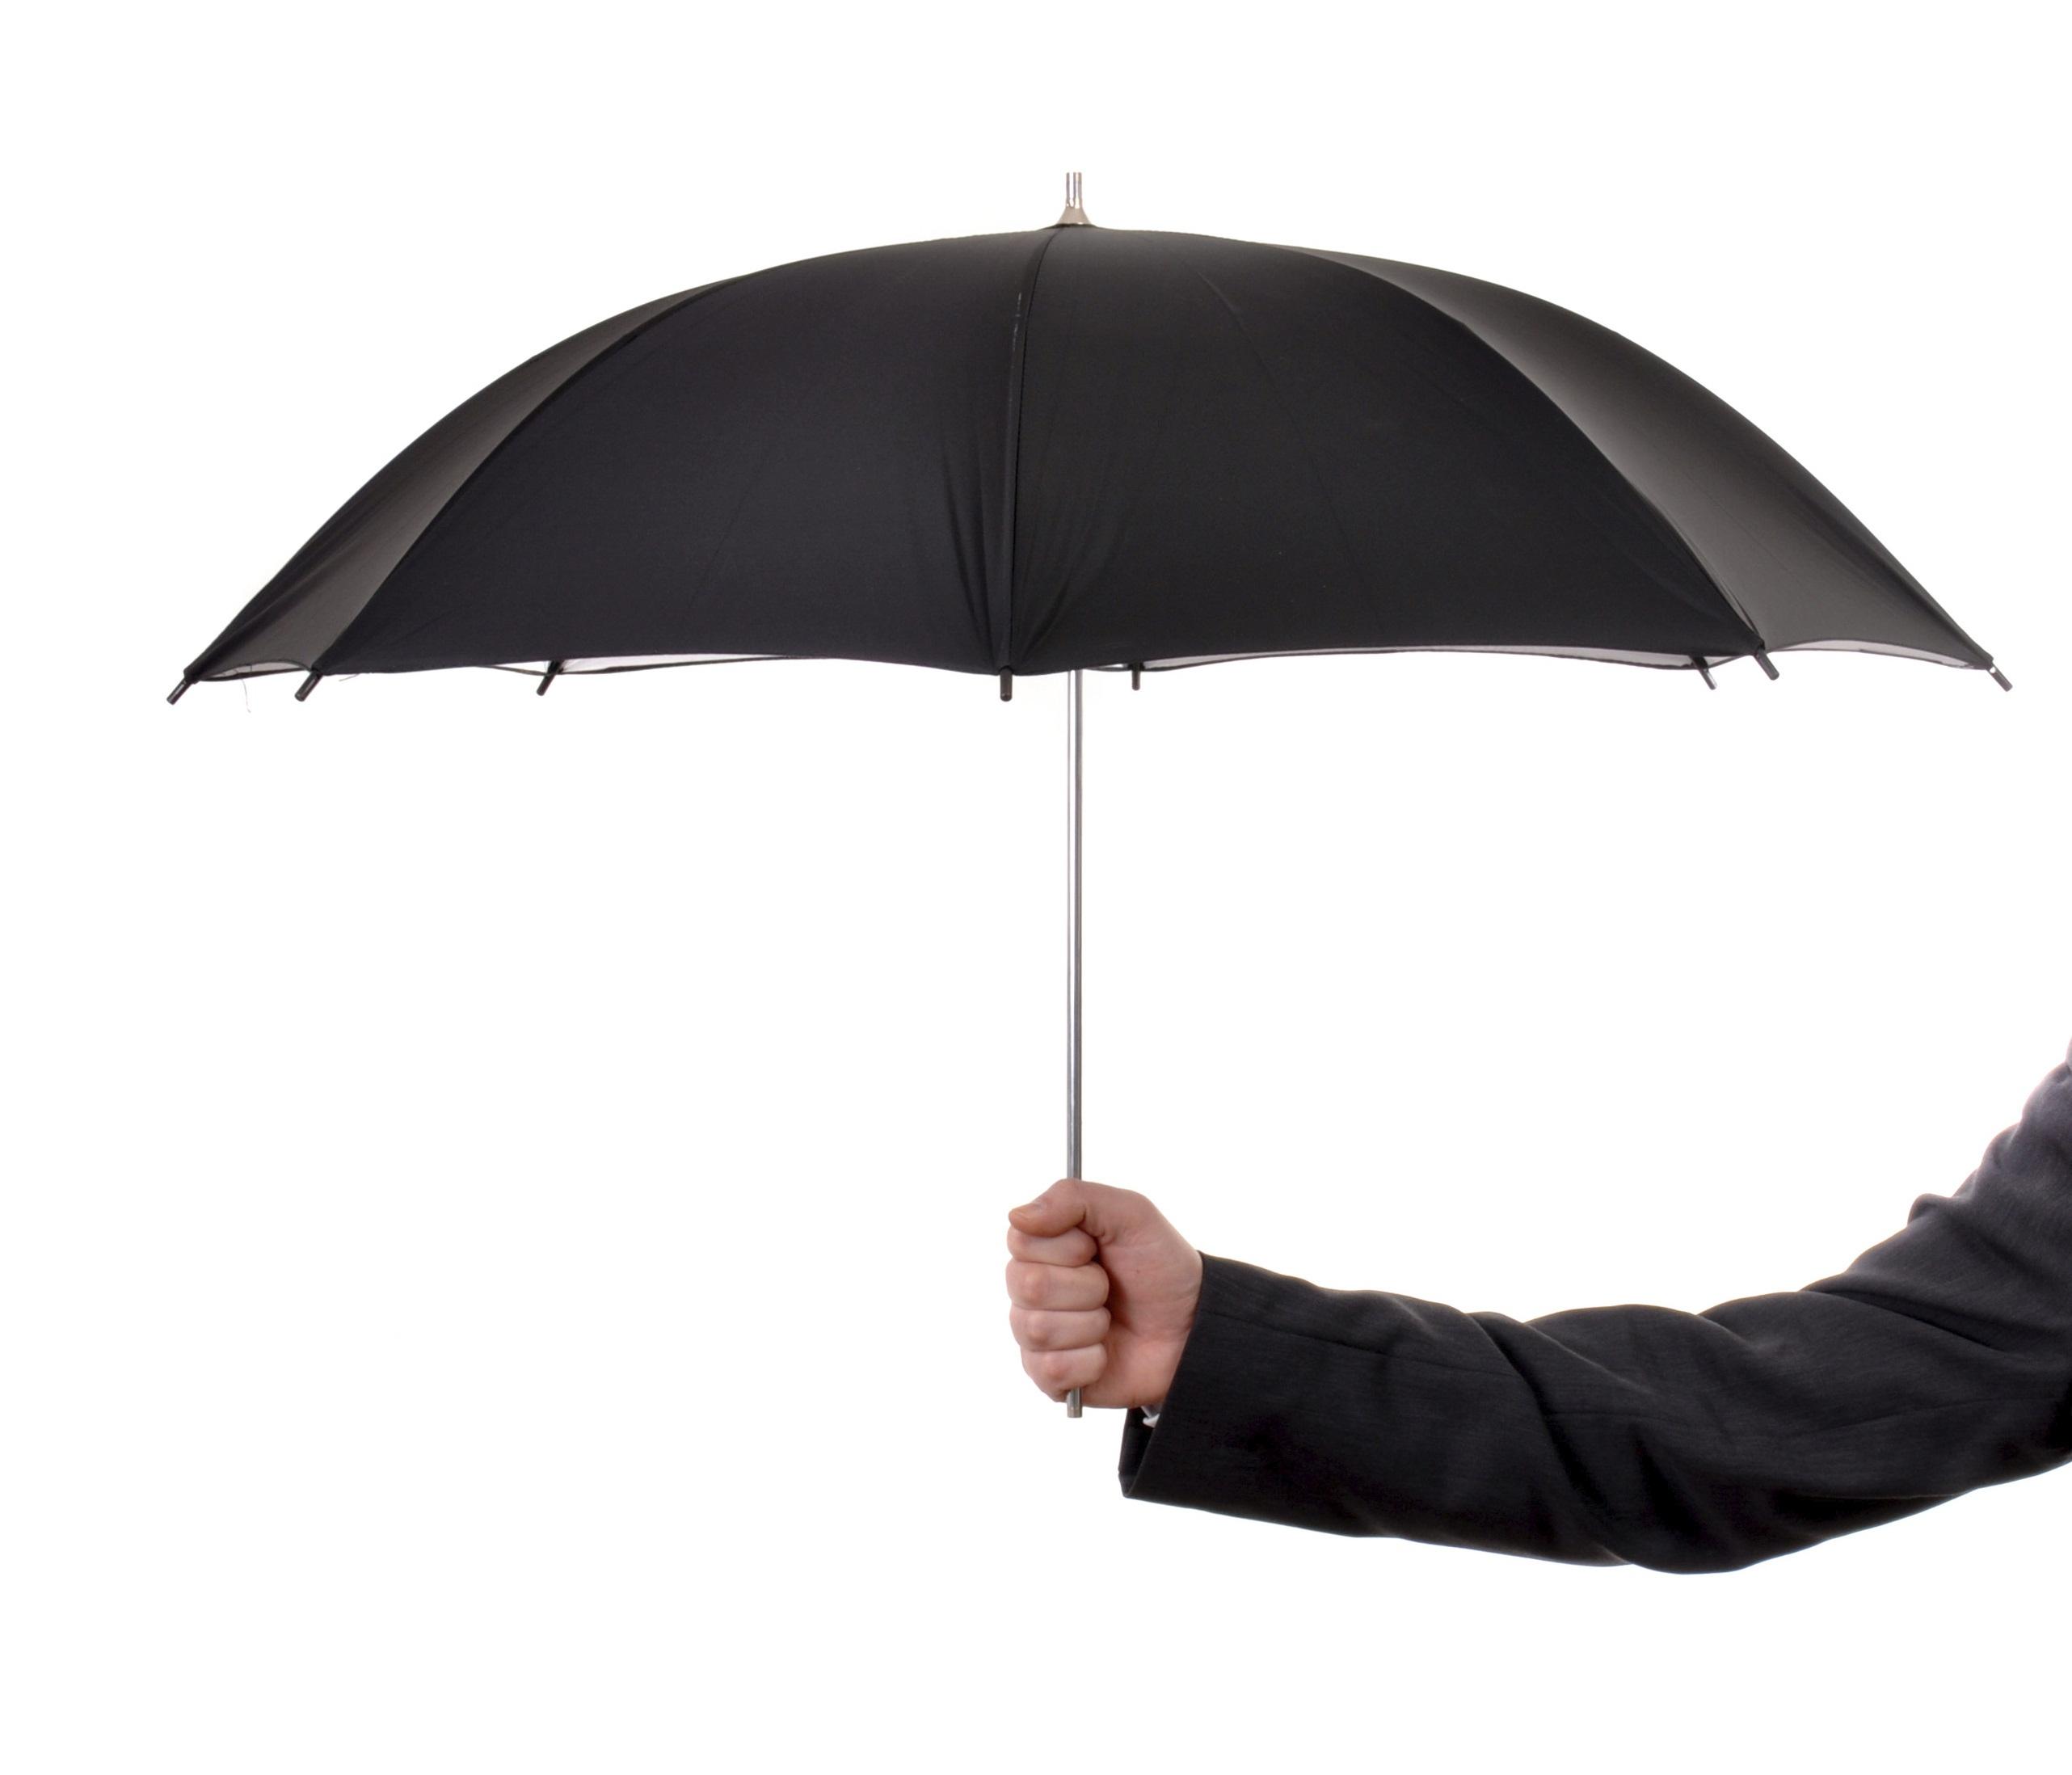 HQ Umbrella Wallpapers | File 326.34Kb